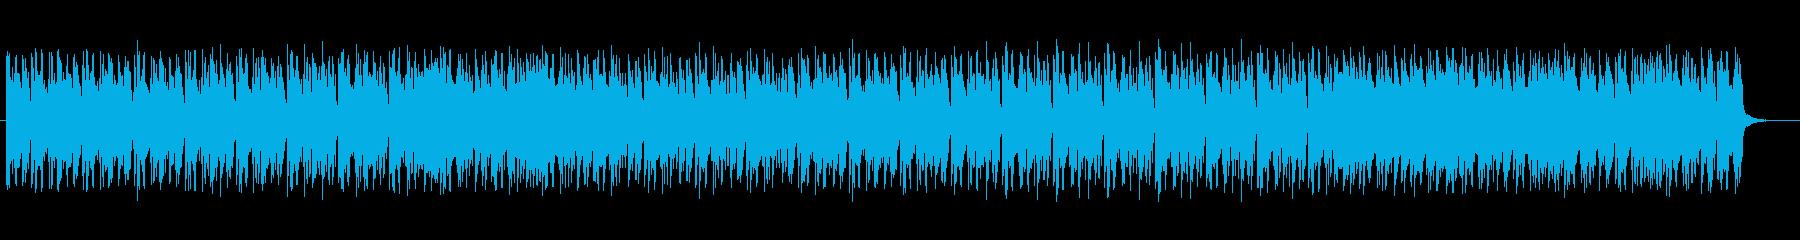 可愛らしく爽やかなテクノの再生済みの波形